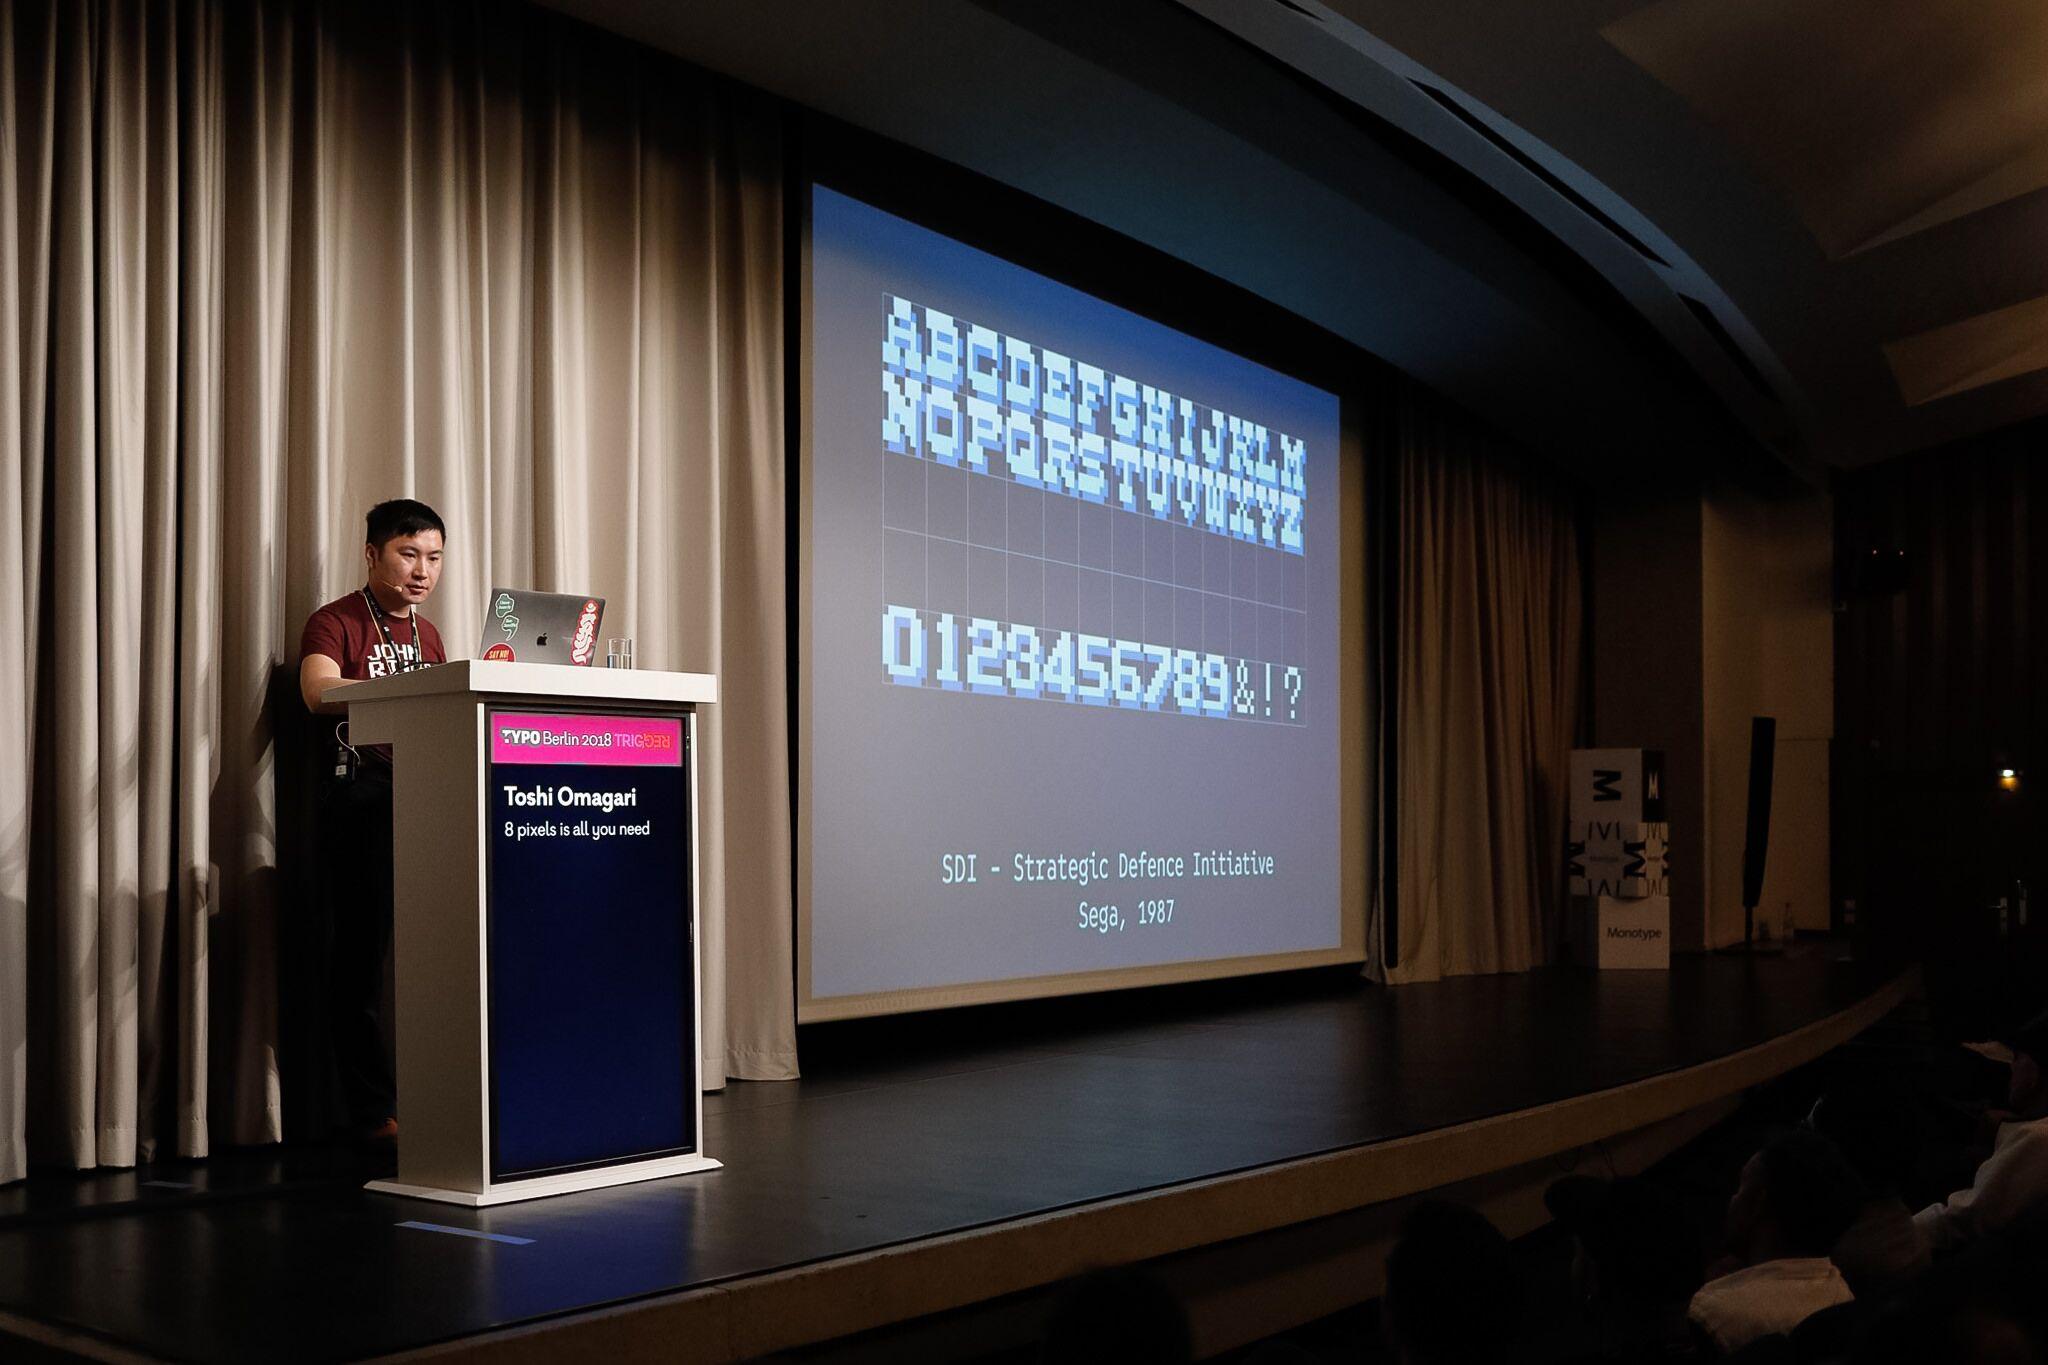 So sah eine typische Präsentation der Computerspielbuchstaben von Toshi Omagari aus.